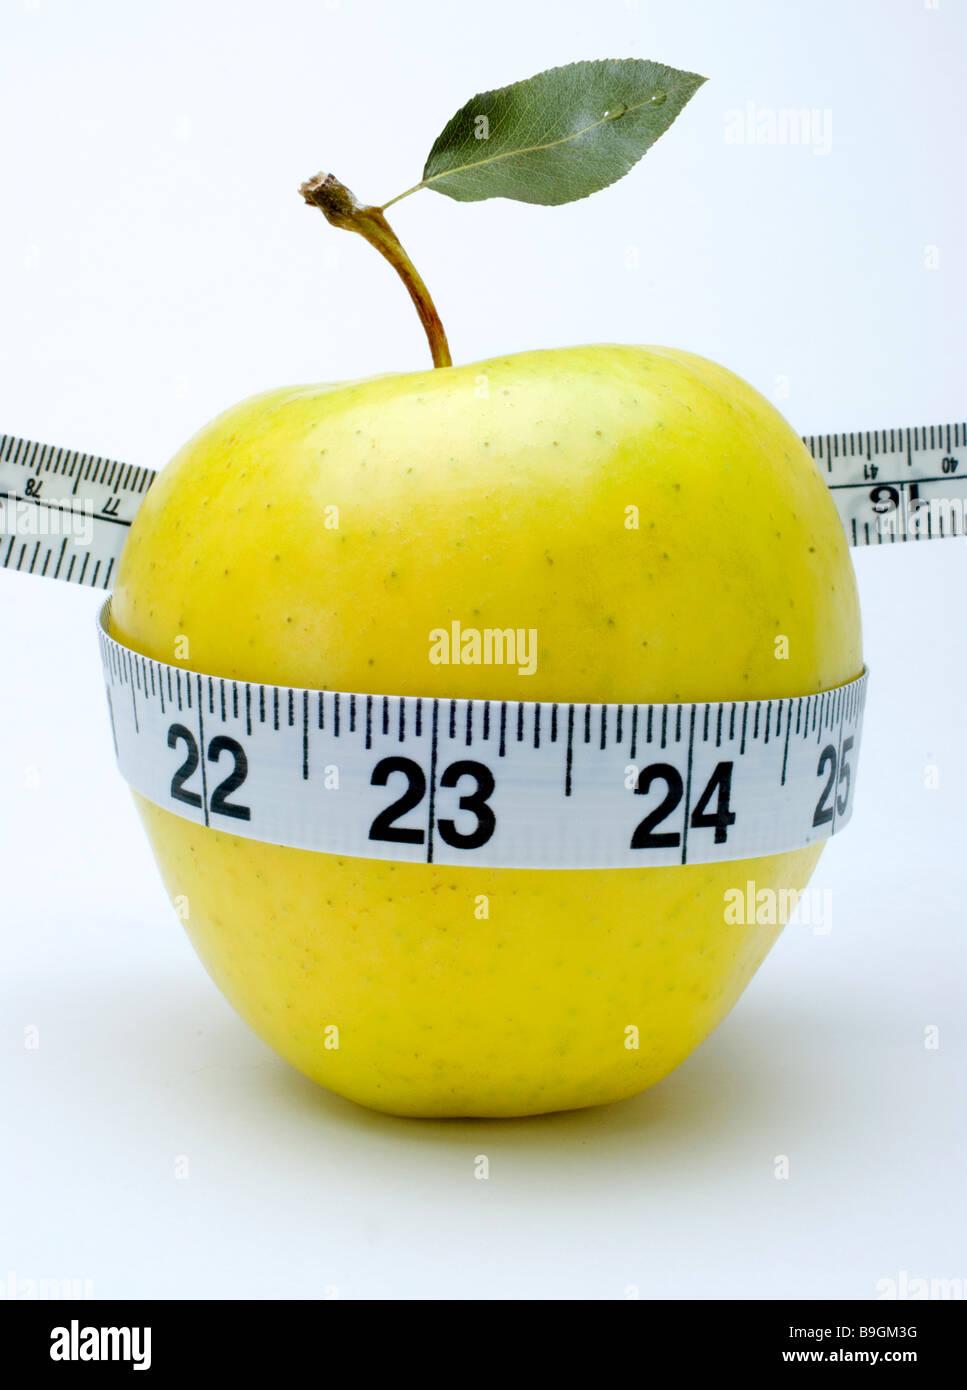 Apple nastro di misurazione Immagini Stock